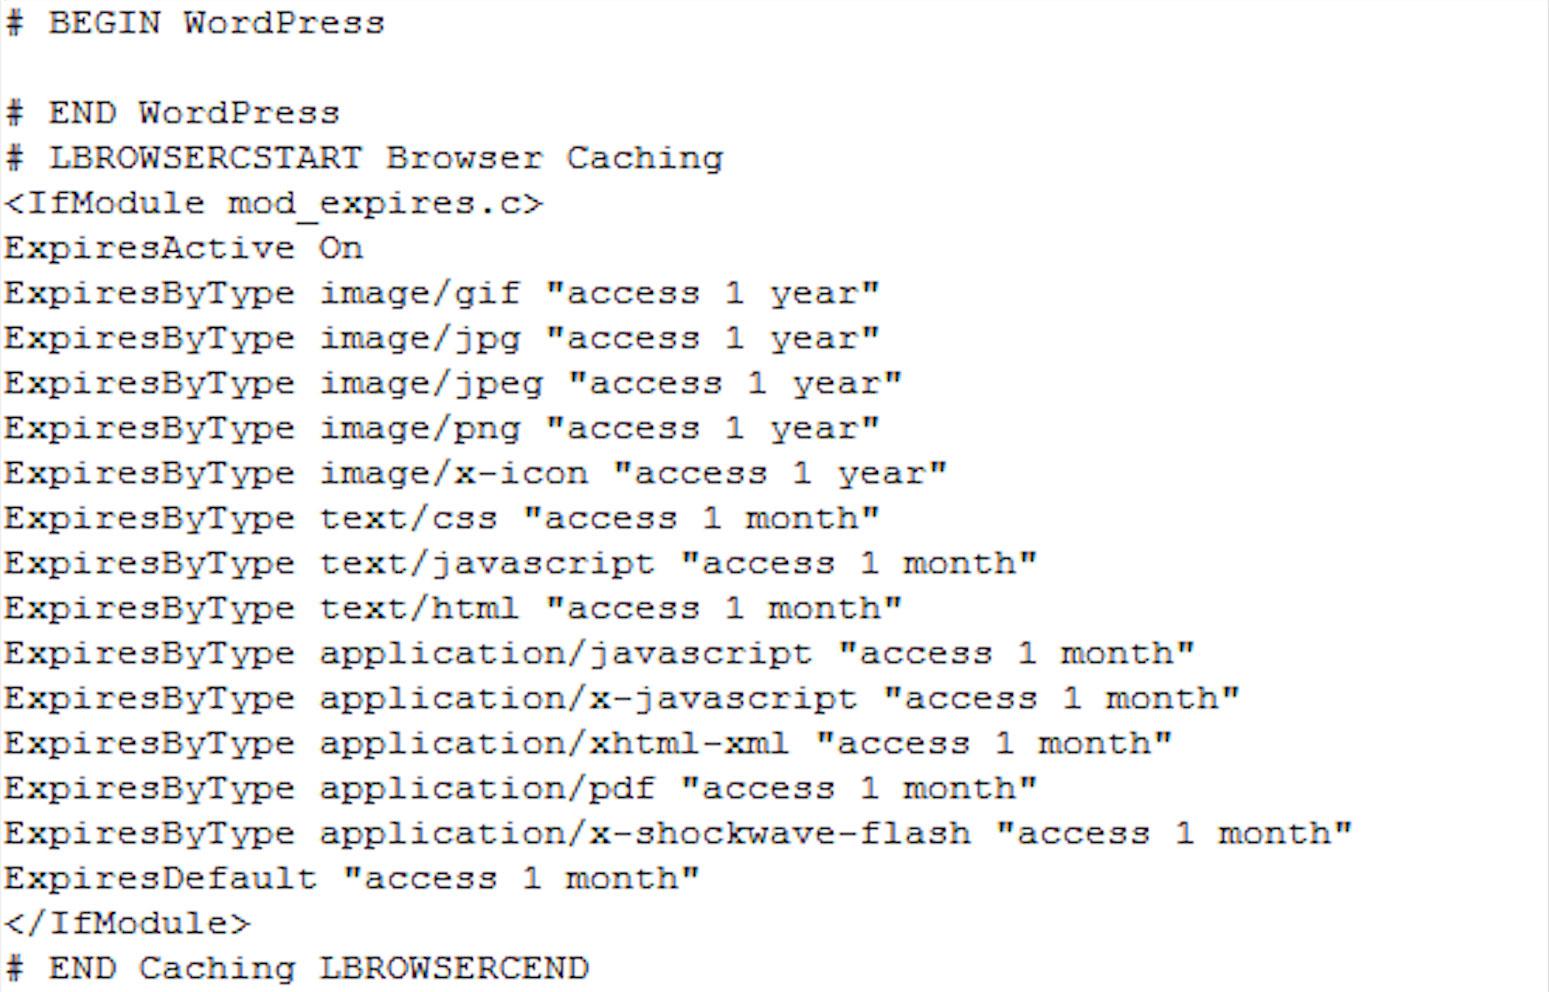 فعالسازی کش مرورگر در وردپرس با افزونه Leverage Browser Caching